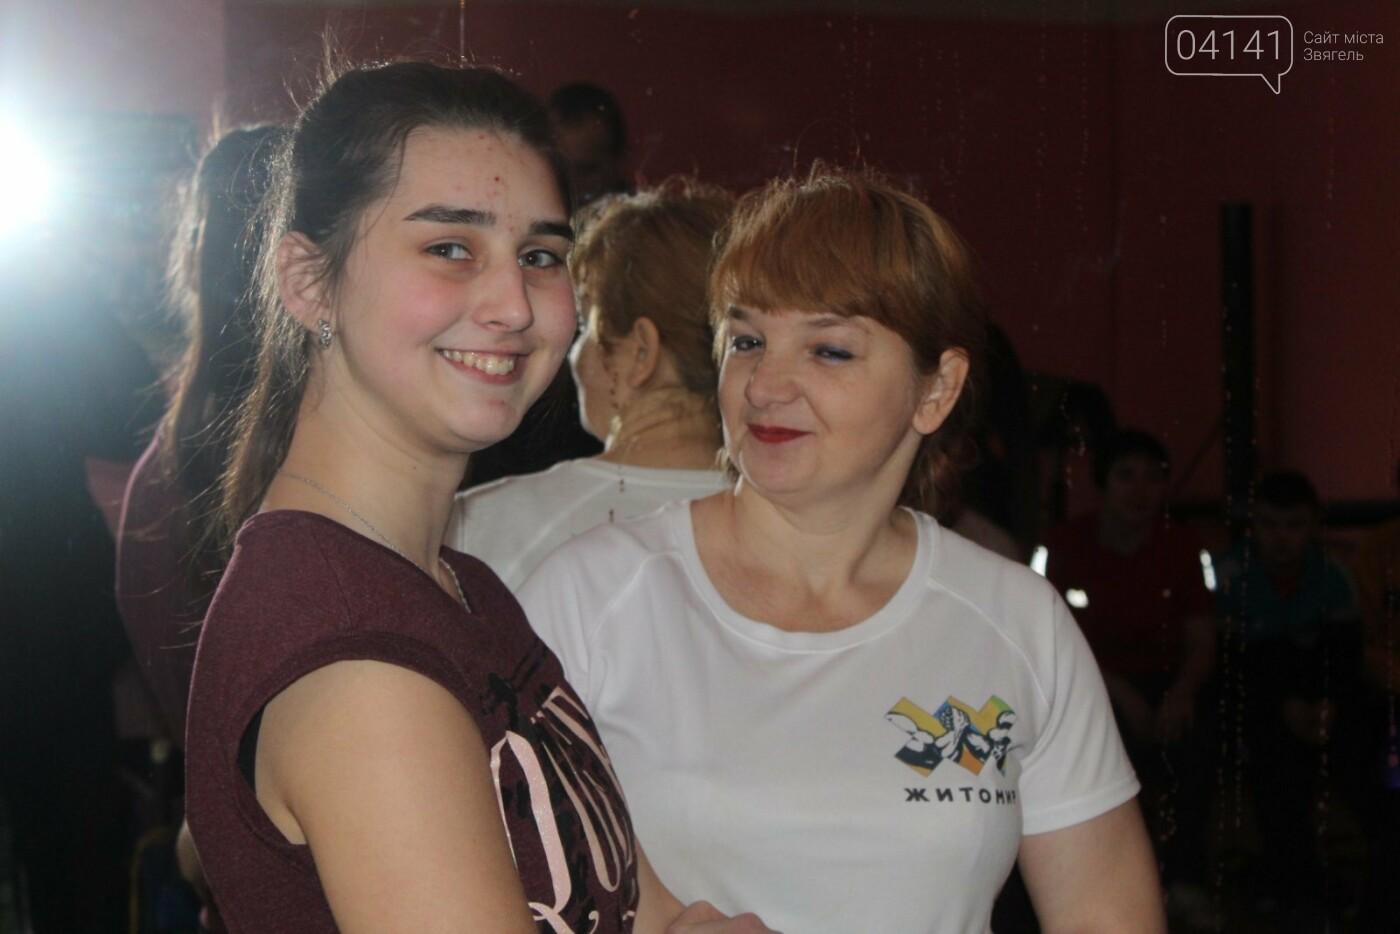 Як у Новограді проходив чемпіонат з армспорту серед людей з інвалідністю (ФОТО, ВІДЕО), фото-11